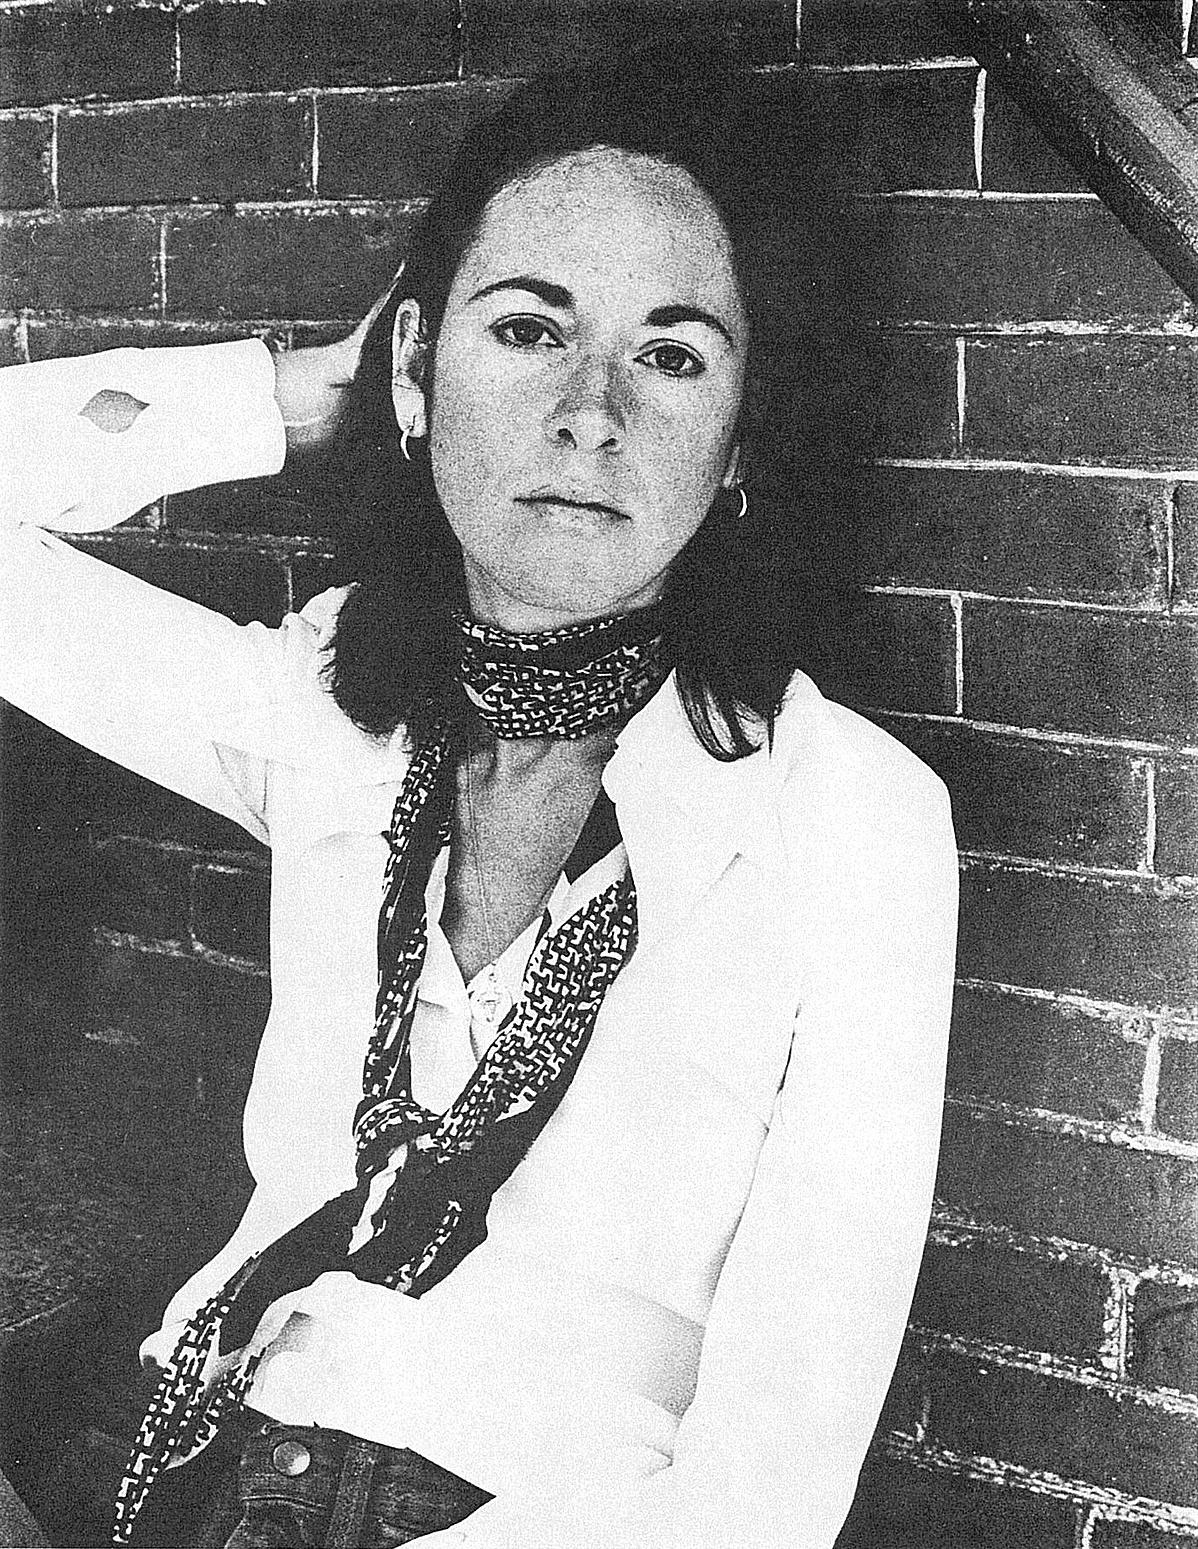 Louise_Gluck_circa_1977-133323.jpg